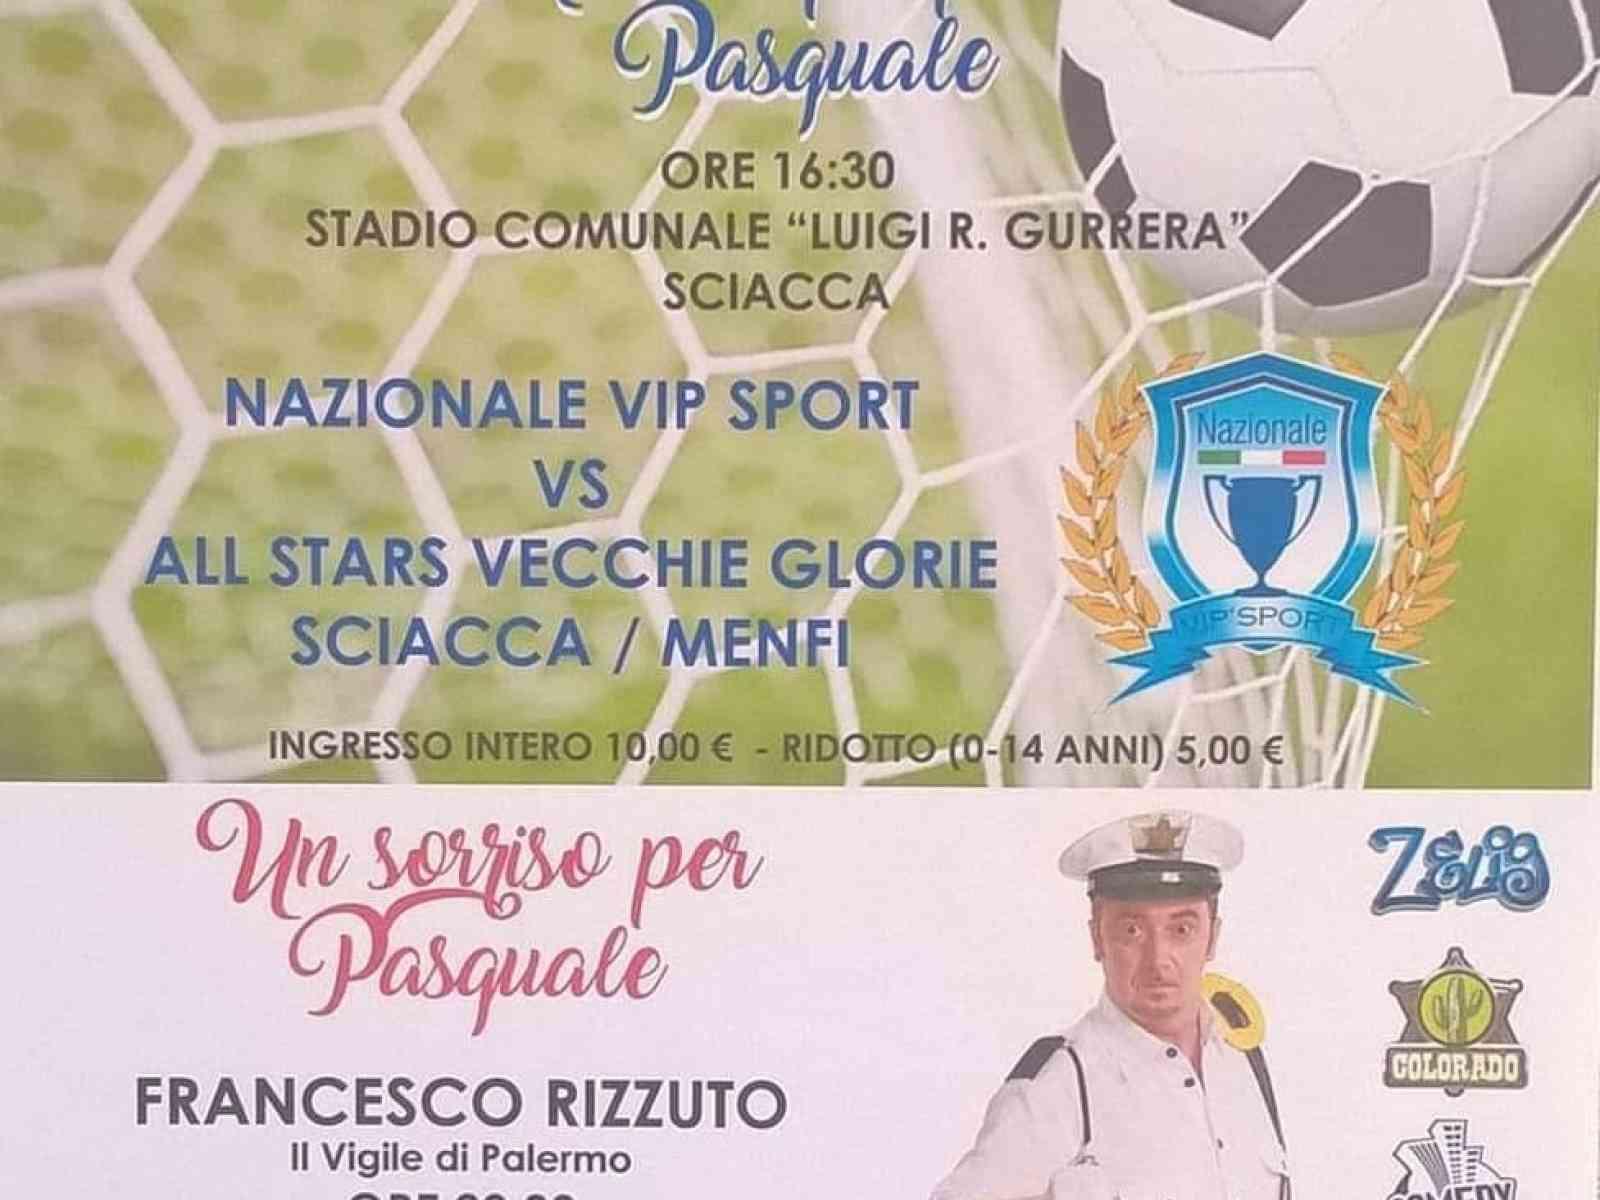 """Immagine articolo: """"Insieme si può"""" a Menfi e Sciacca per Pasquale Bonfante.  Il comico Rizzuto all'anfiteatro a mare. I campo anche All stars vecchie glorie Sciacca/Menfi"""